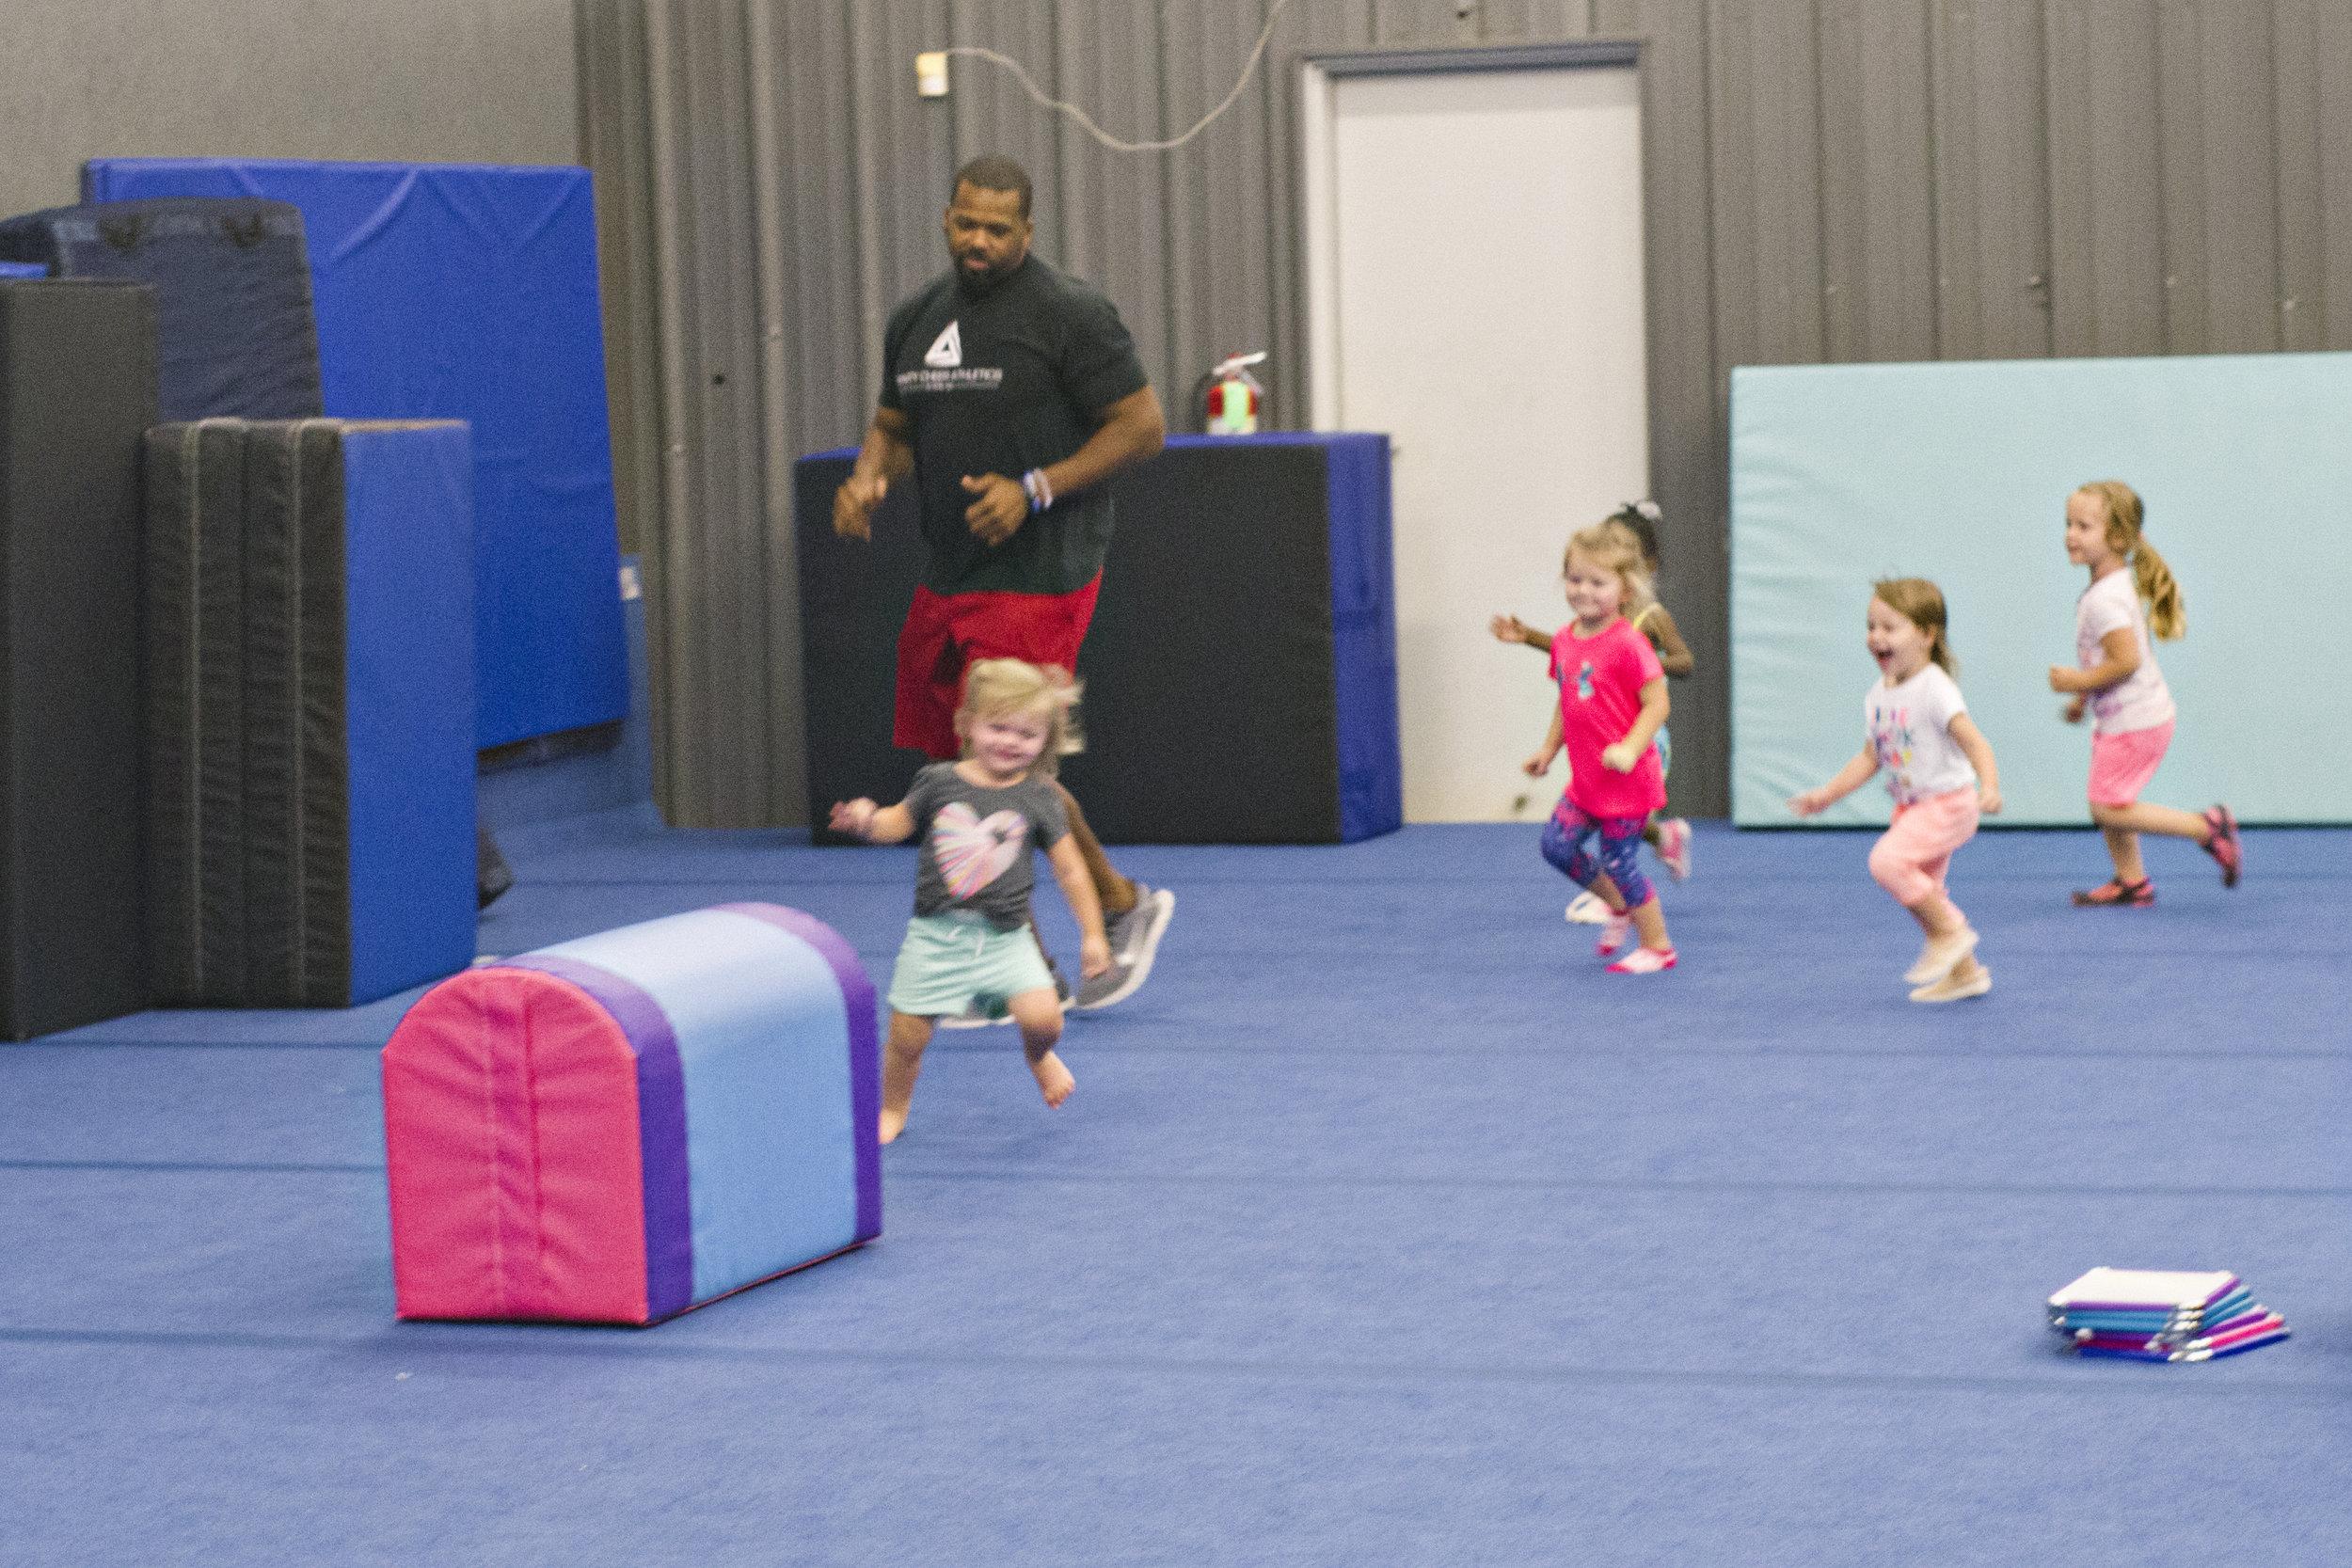 Toddler Girls Running